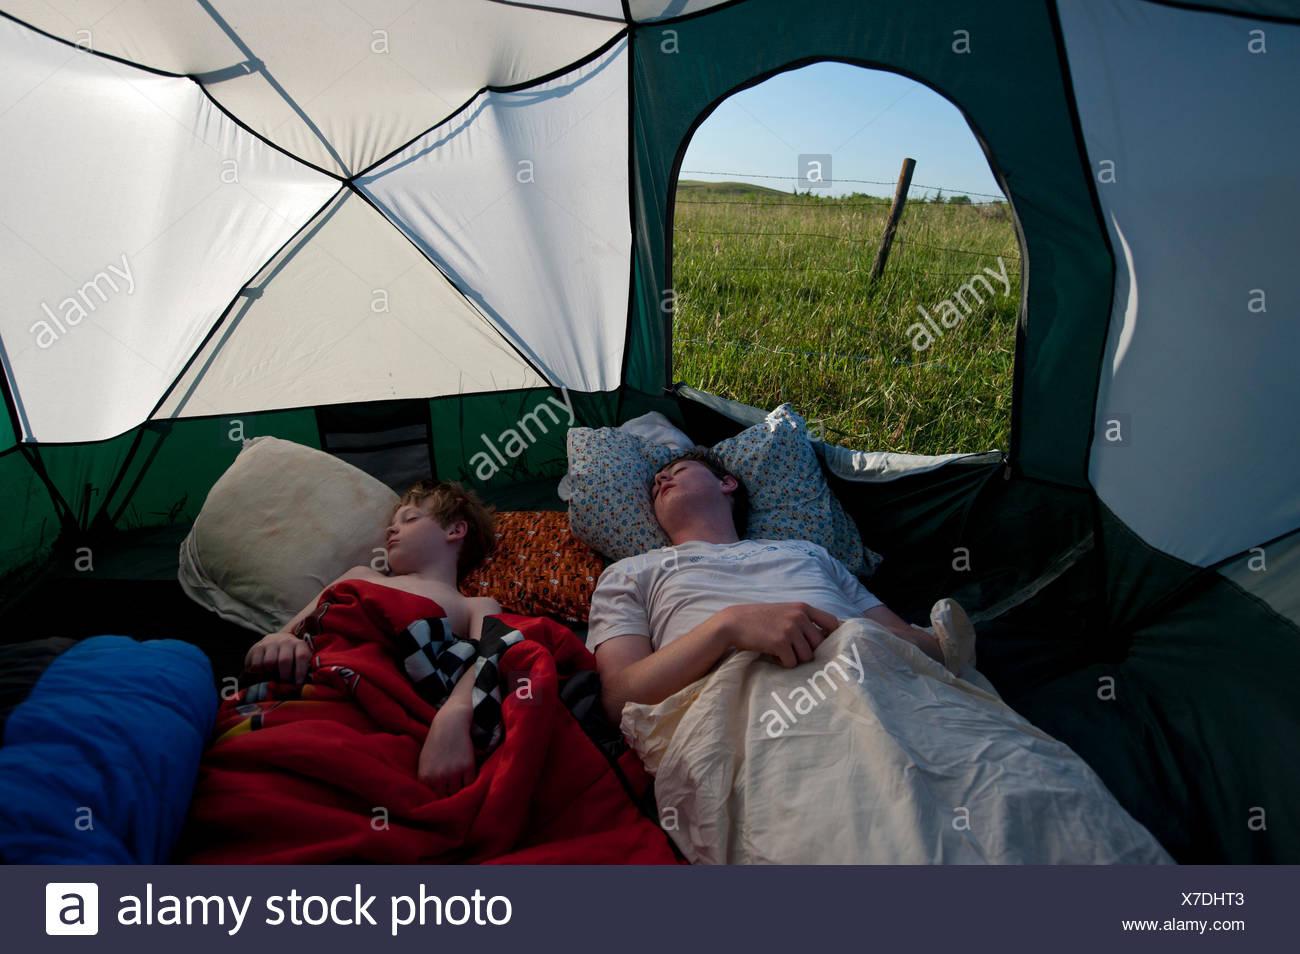 Dos hermanos dormir durante un viaje de camping. Imagen De Stock